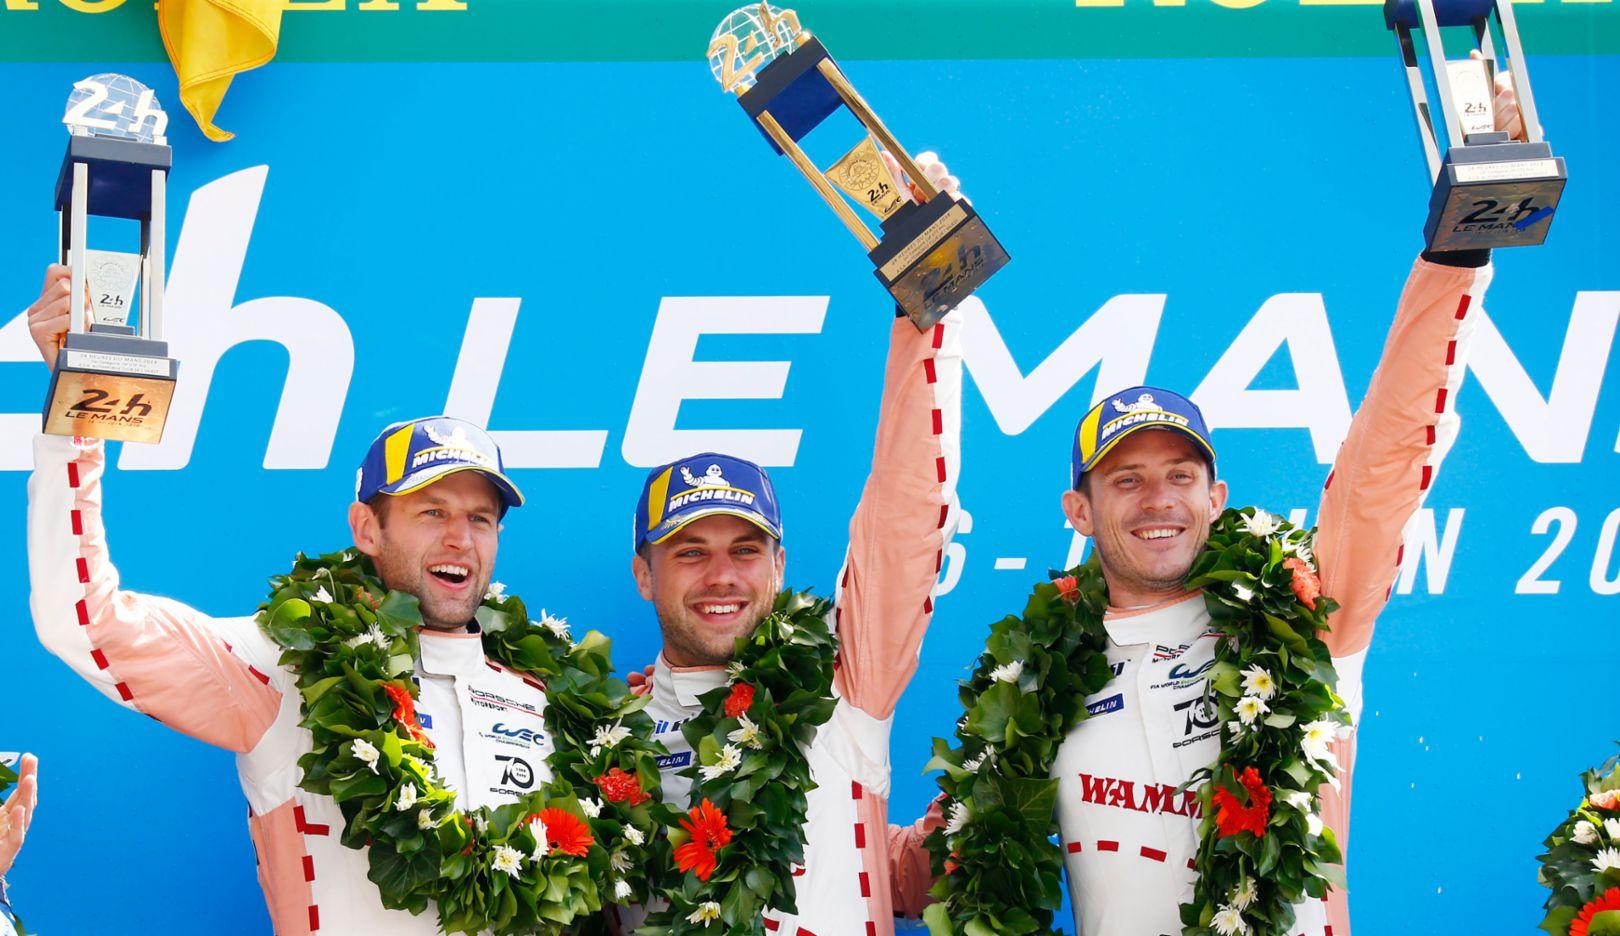 保时捷92号车斩获GT-Pro组别冠军,由左至右: Michael Christensen (DK), Laurens Vanthoor (B), Kevin Estre (F)